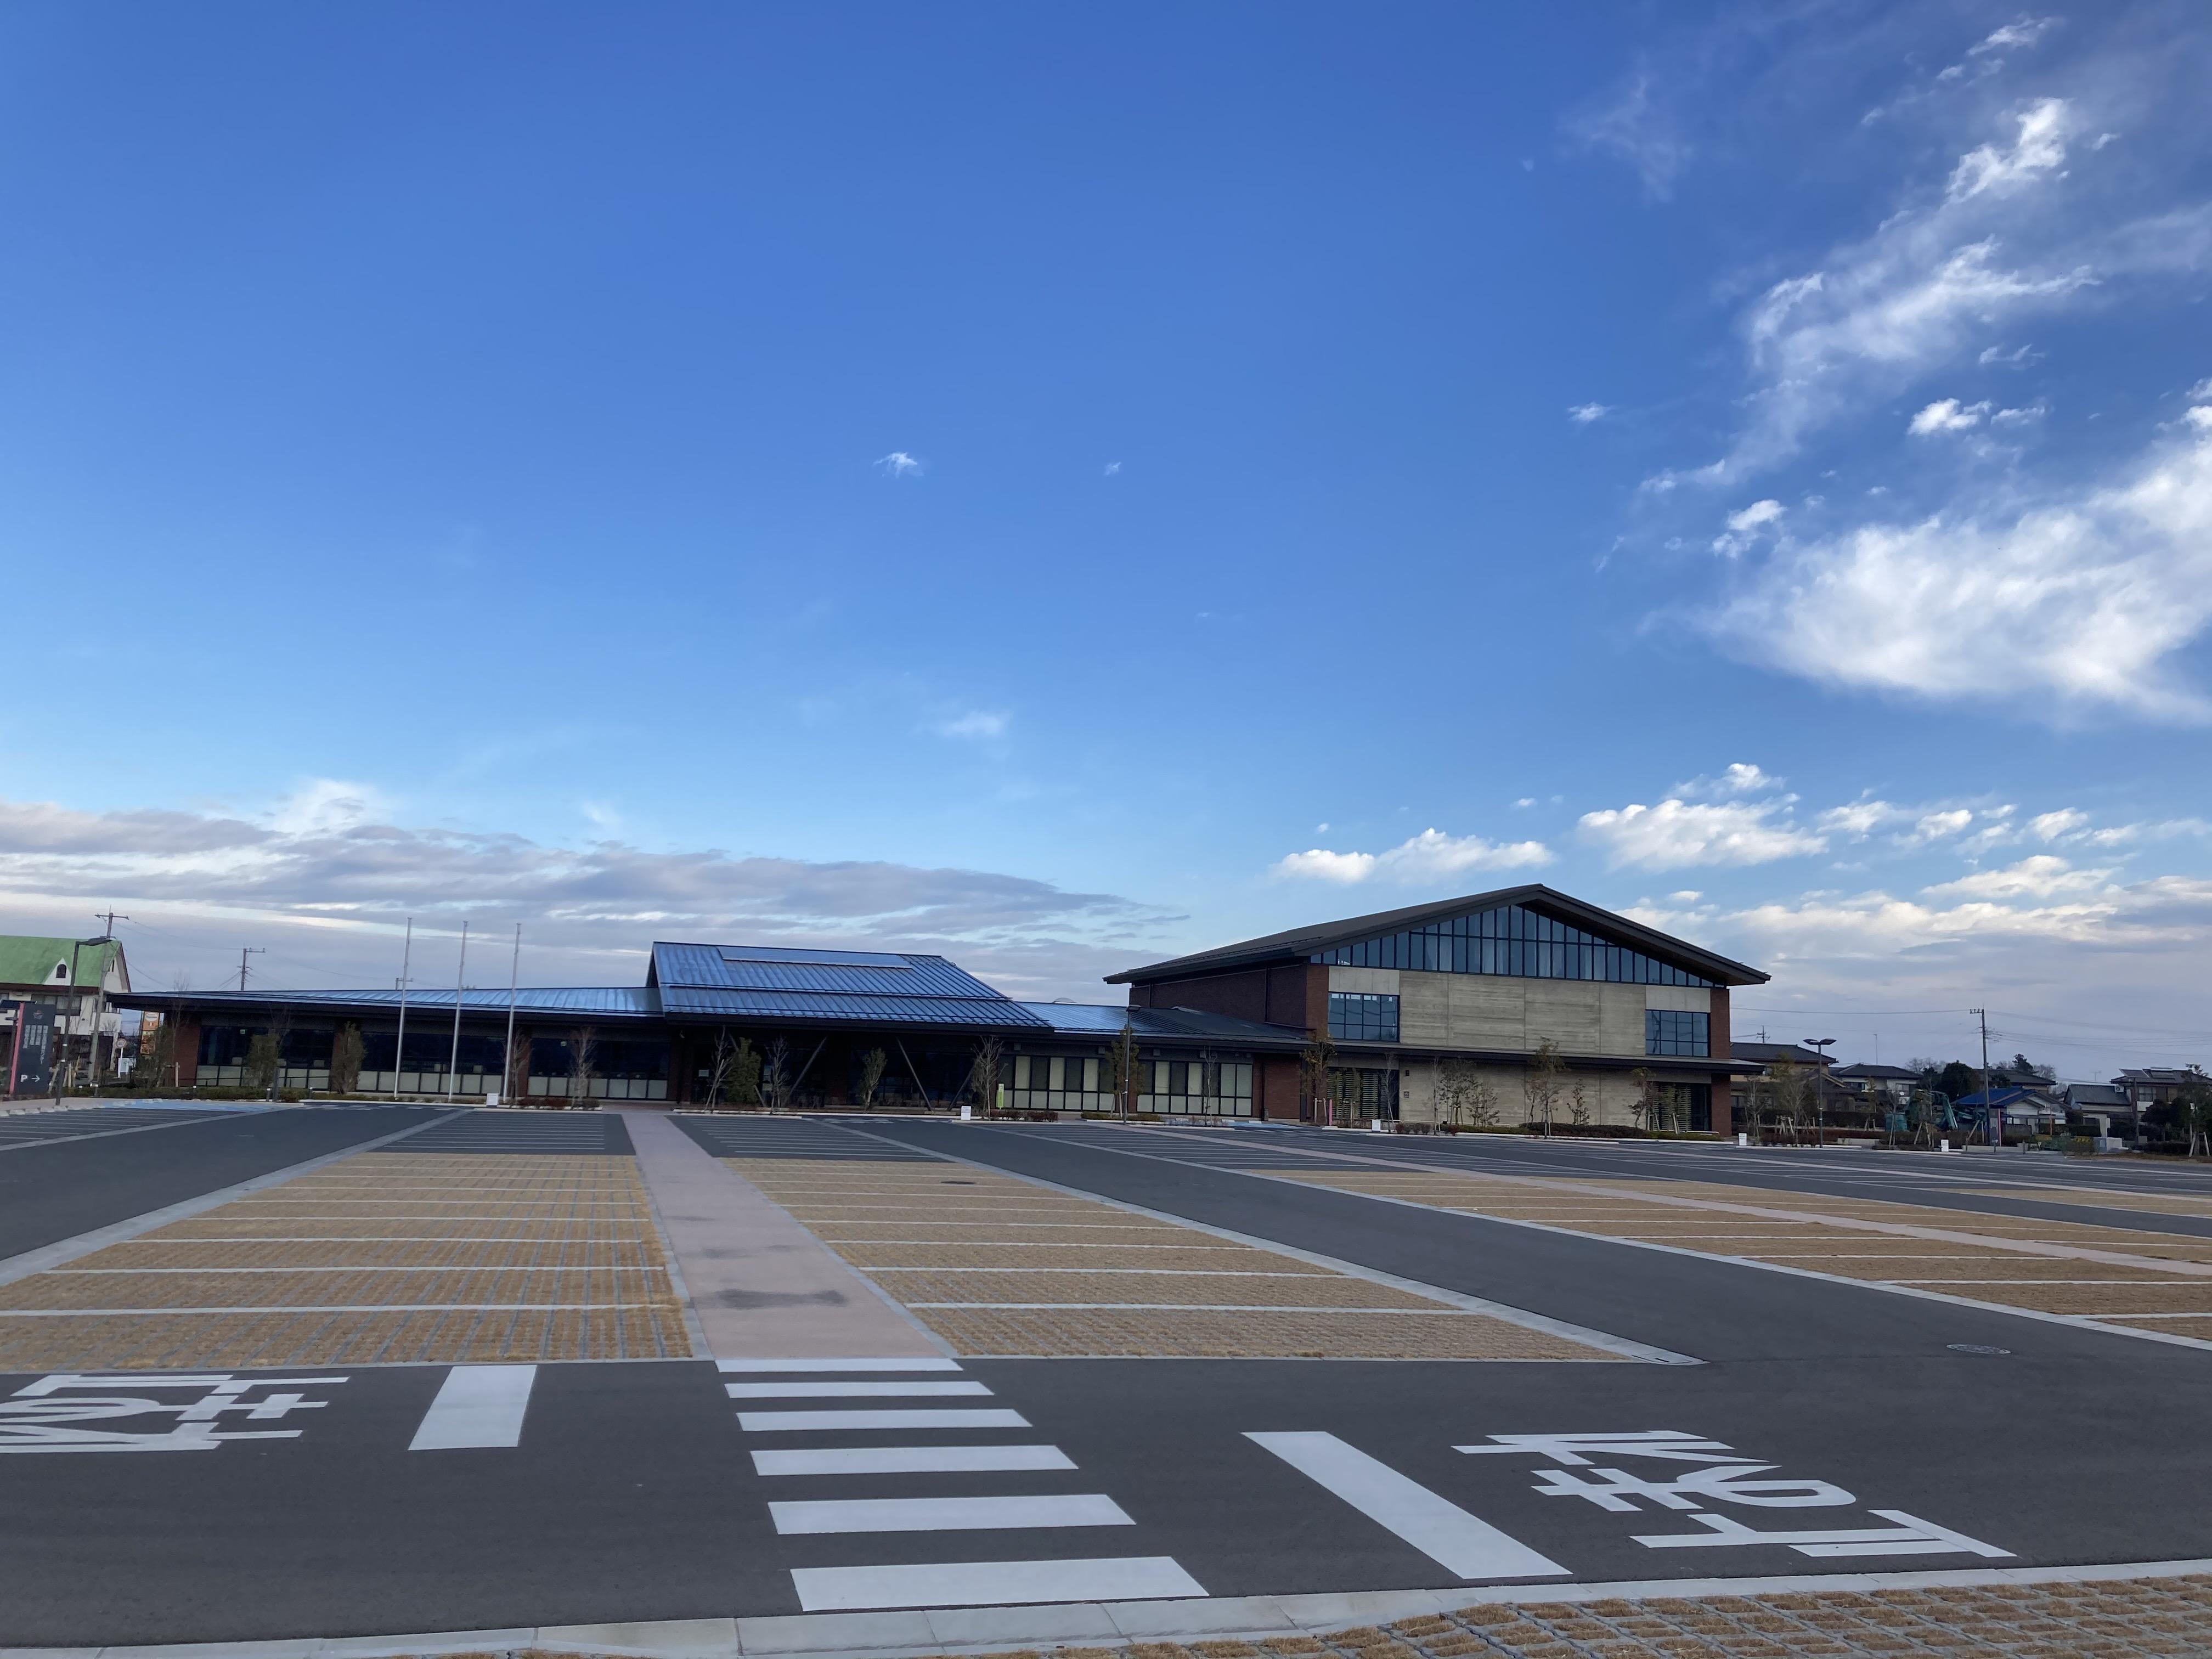 岡部生涯学習センター・岡部公民館 駐車場と建物